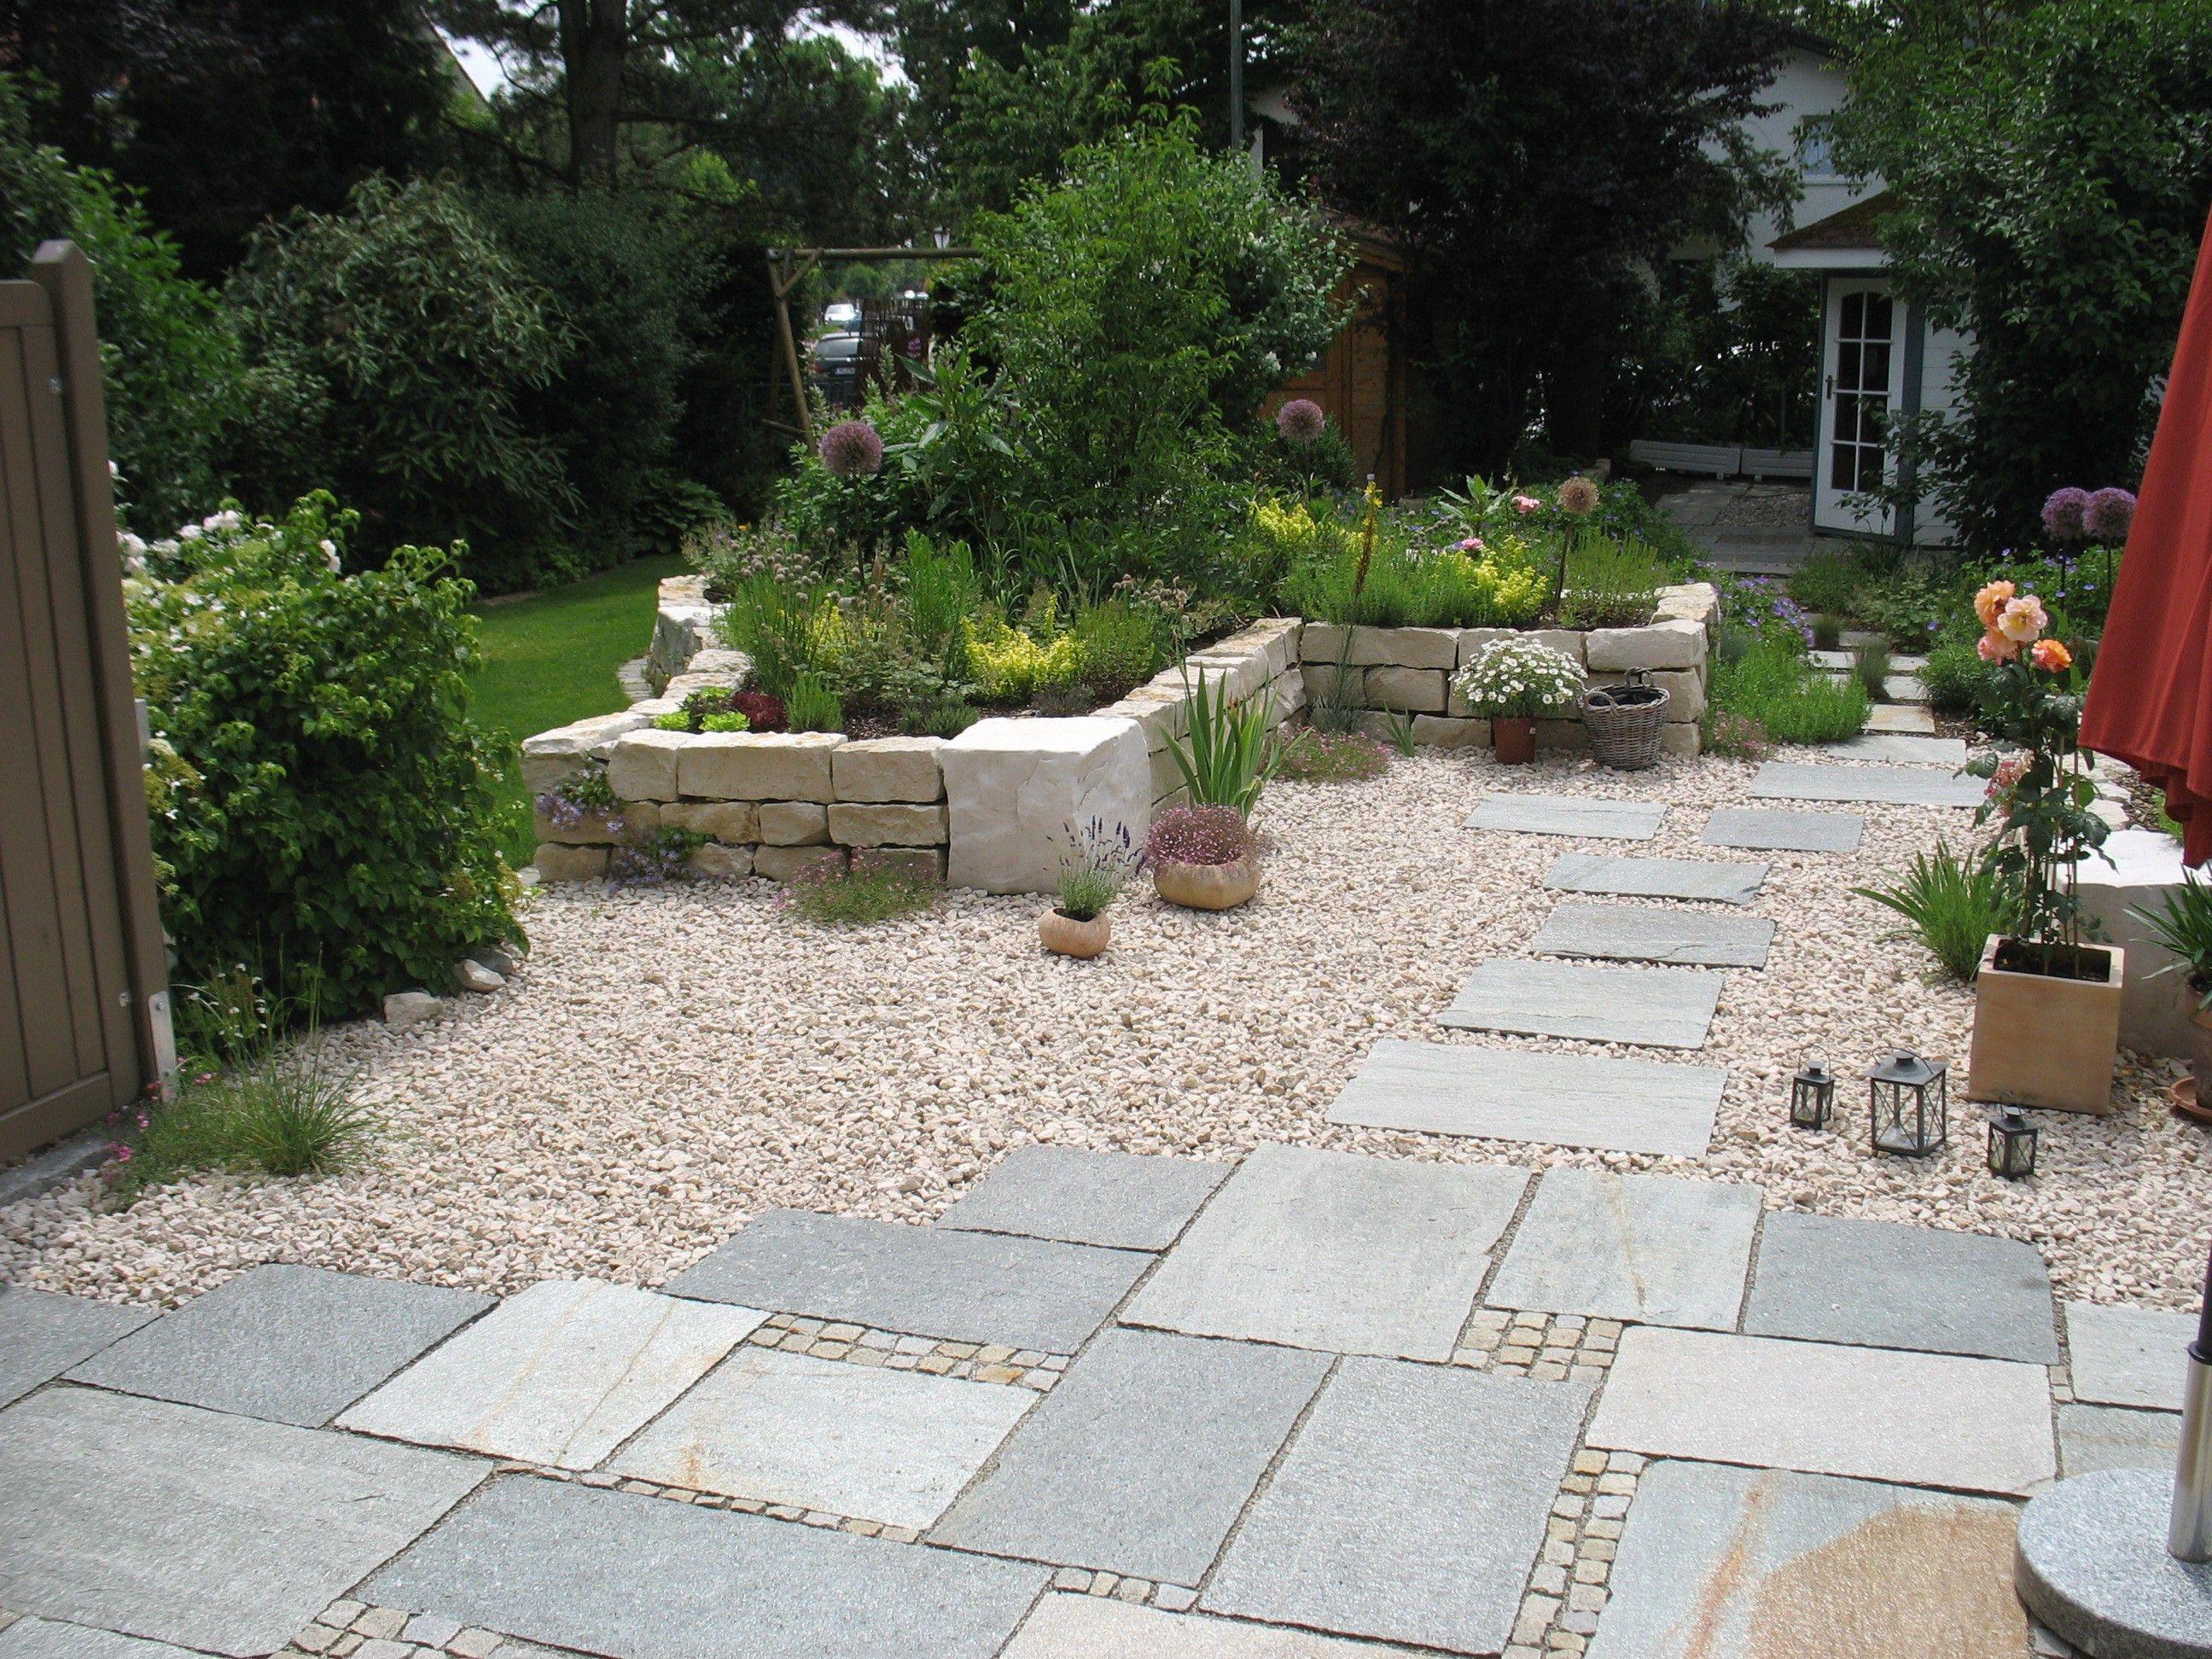 Konzept 45 Fur Terrasse Erneuern Kosten Haus Und Garten Terrasse Einfache Gartengestaltung